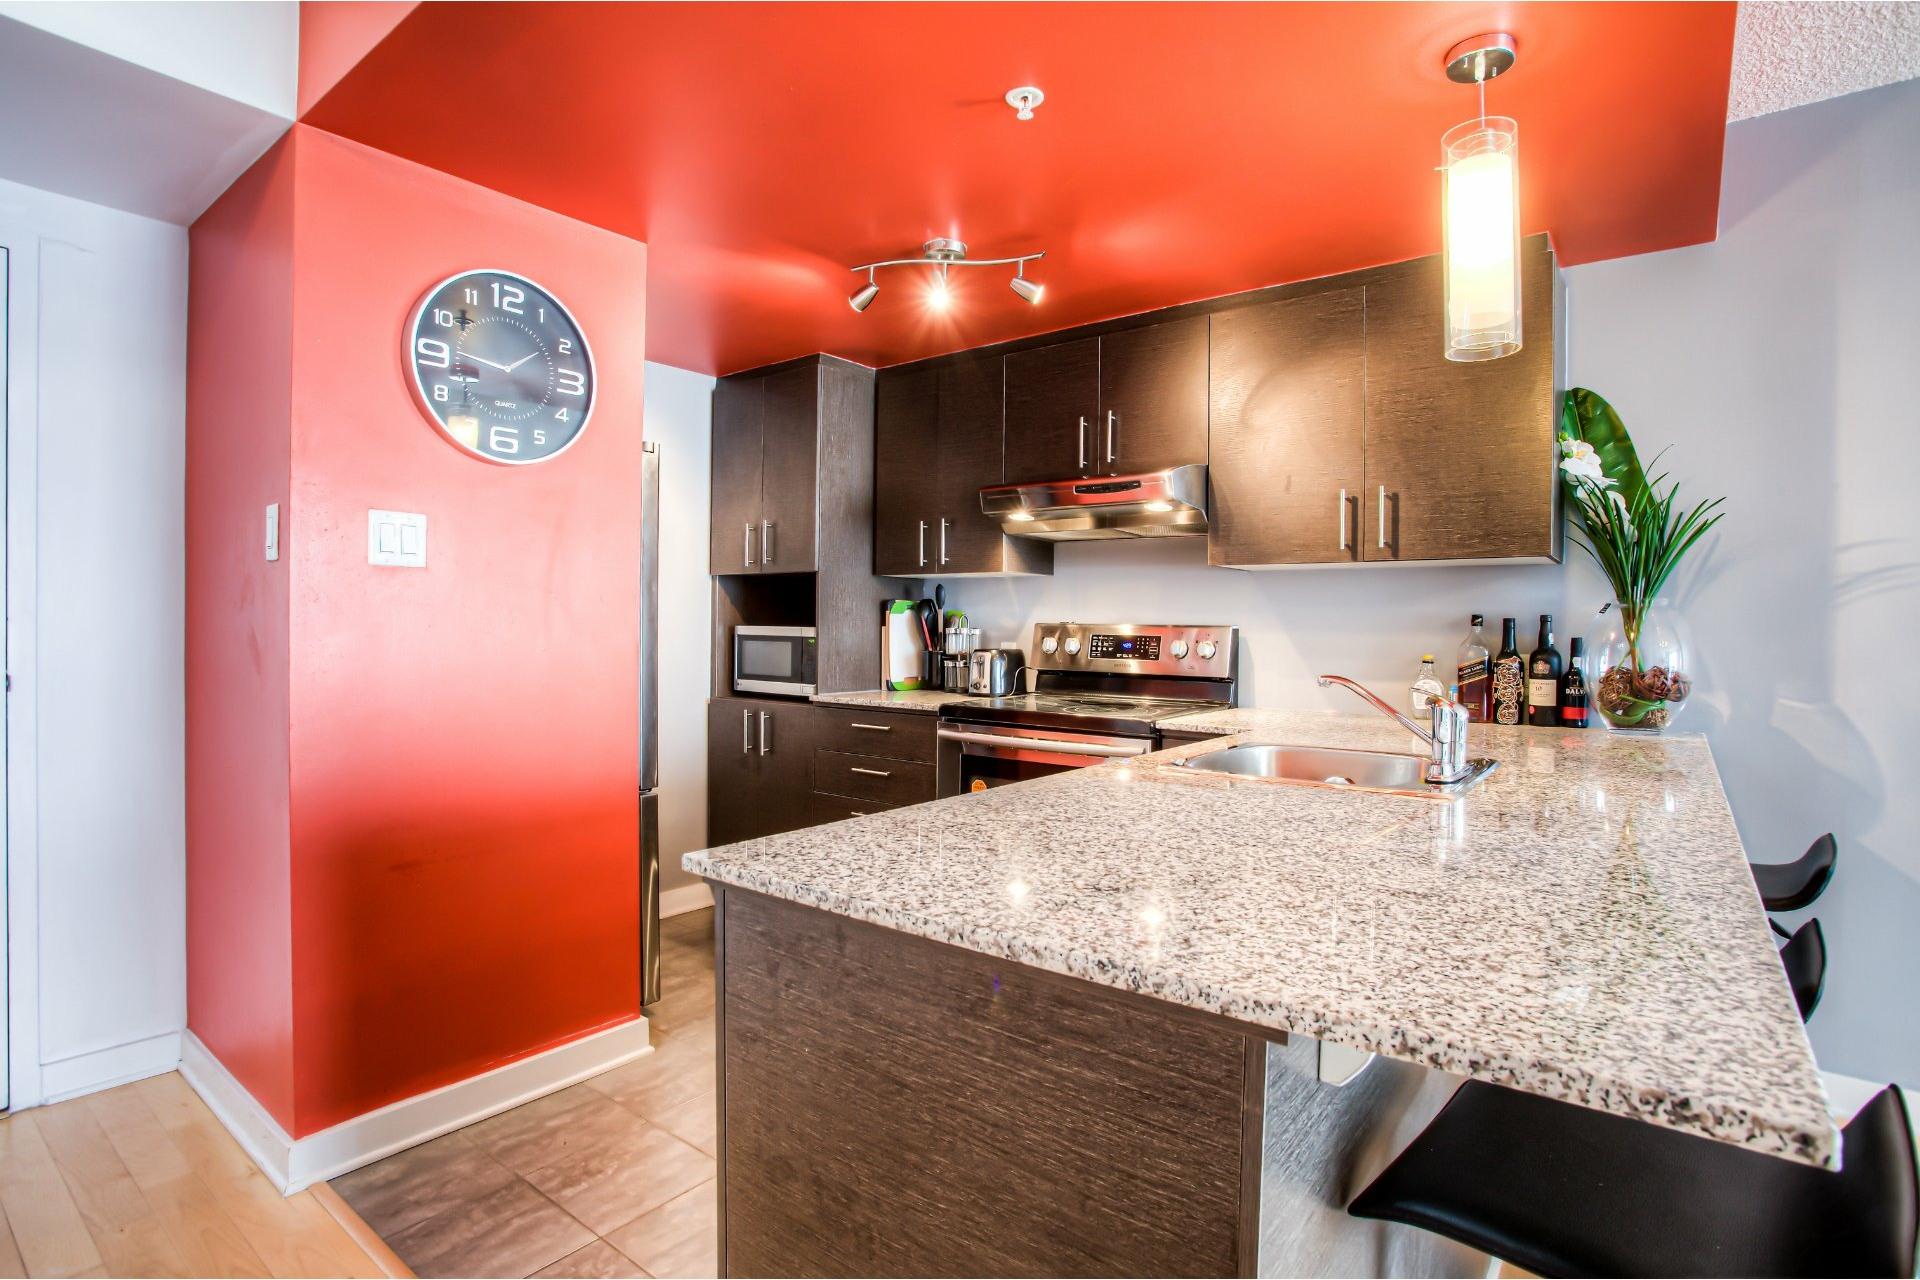 image 7 - Appartement À vendre Ahuntsic-Cartierville Montréal  - 3 pièces